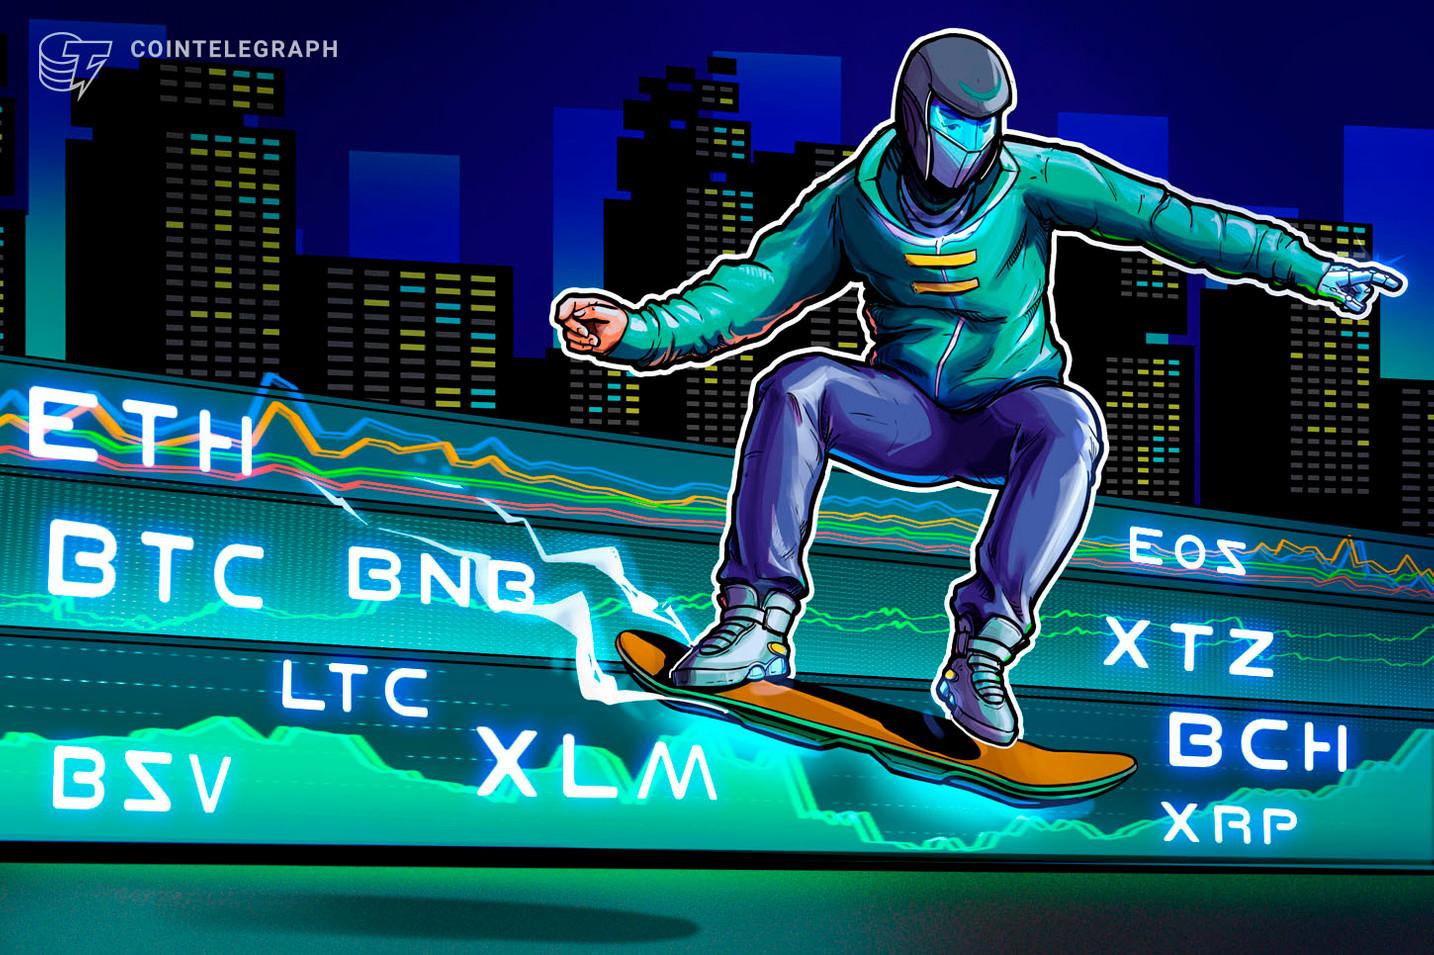 7,000ドル台維持なら強気シグナルに、仮想通貨ビットコイン・イーサ・XRP(リップル)のテクニカル分析【価格予想】